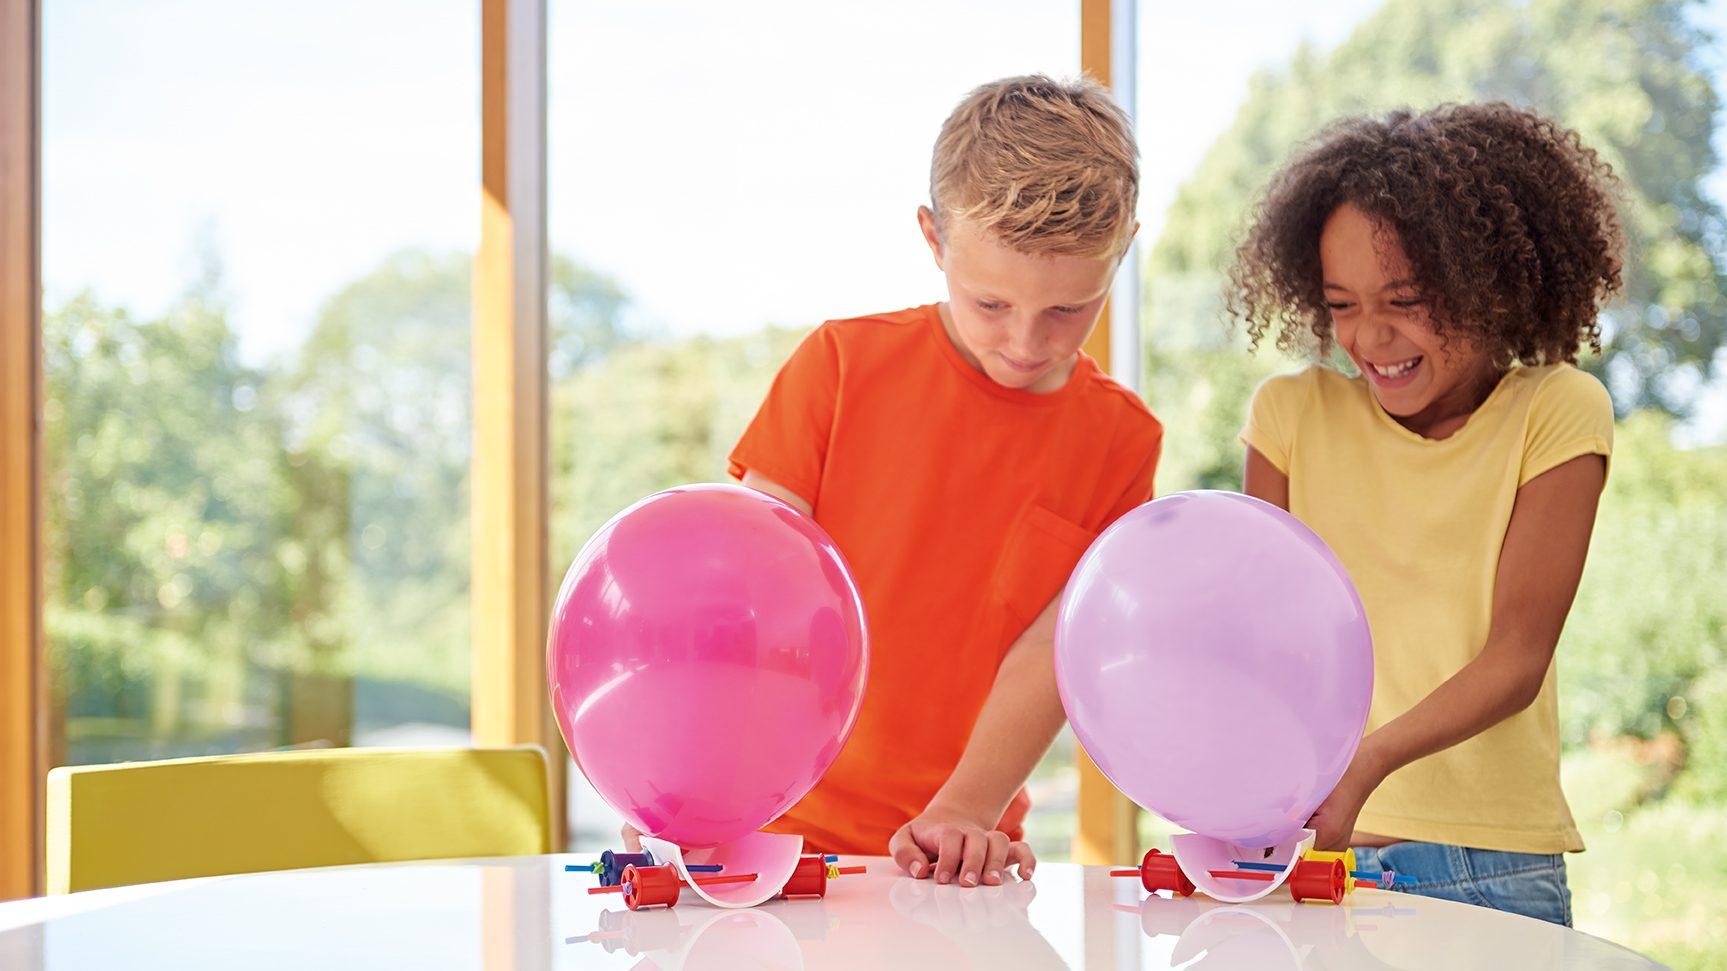 L'inventore che rivoluzionerà il futuro potrebbe essere tuo figlio thumbnail